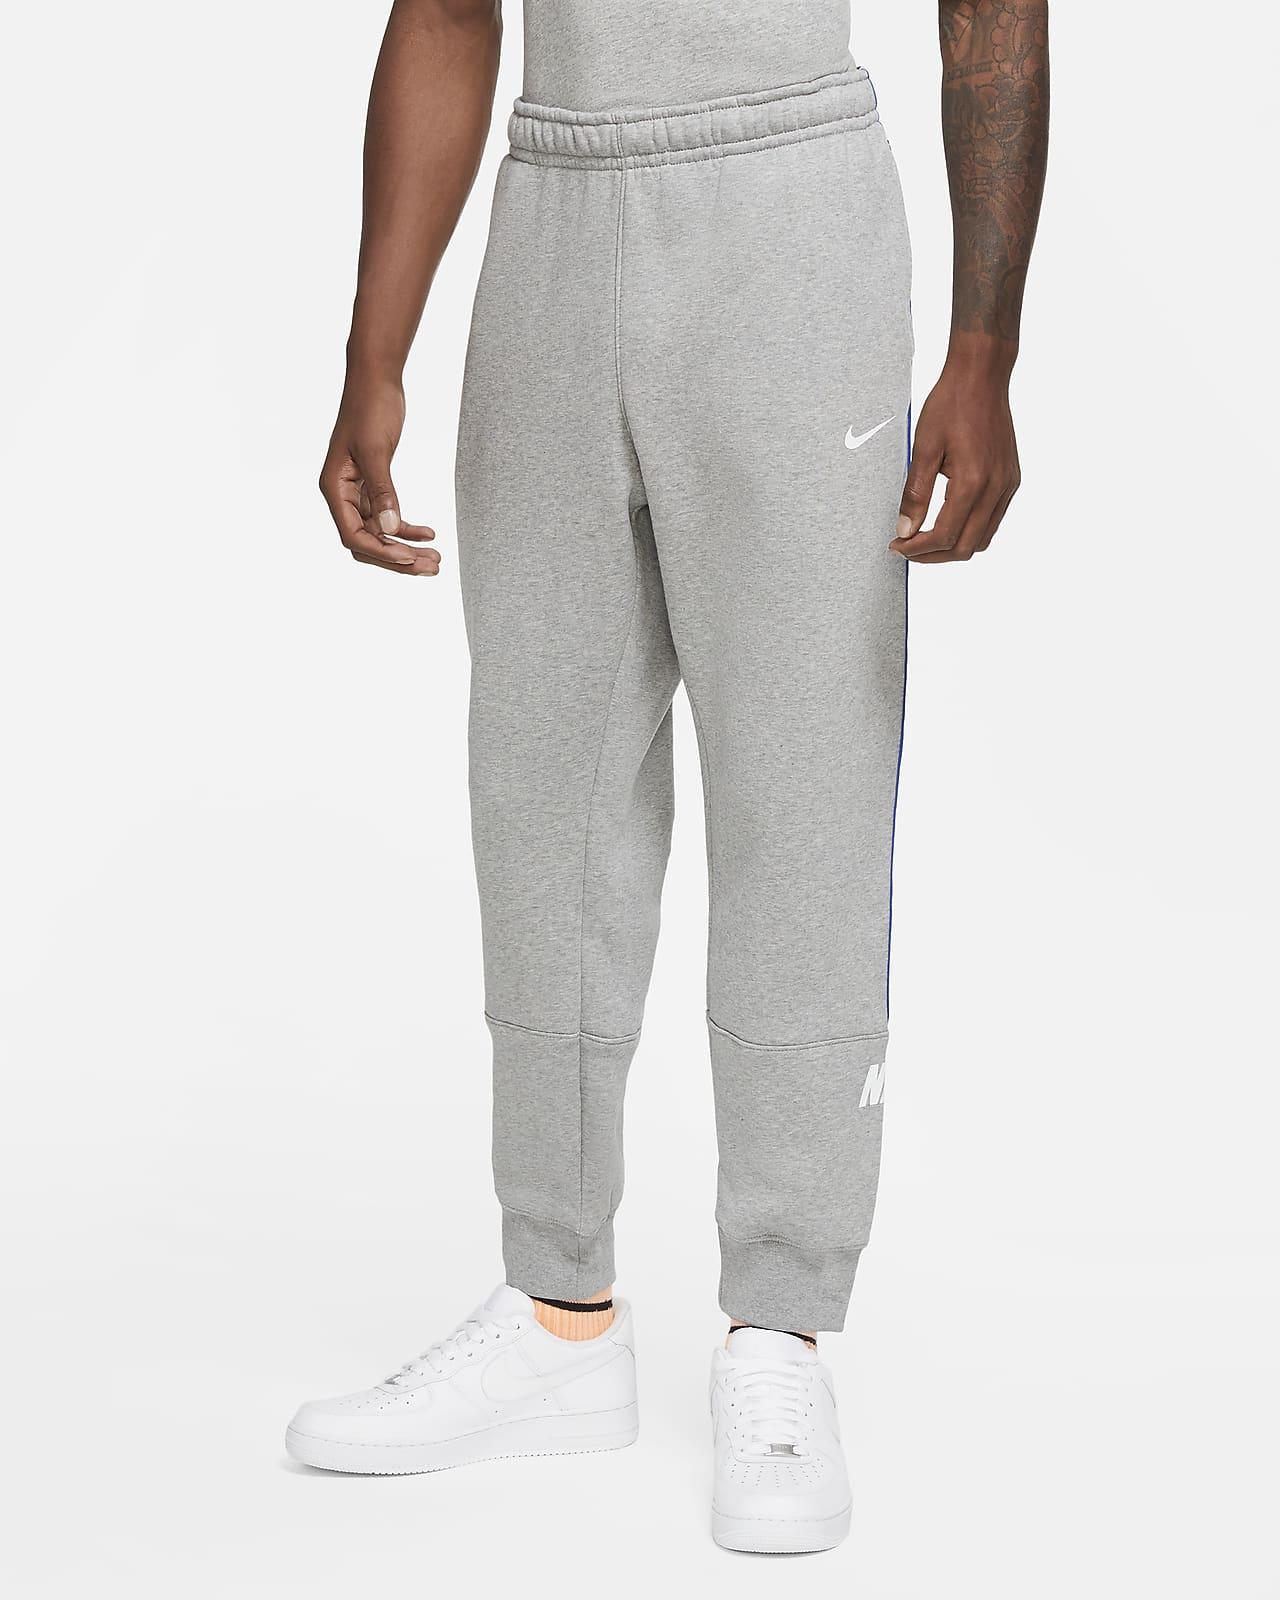 Nike Sportswear polár férfi szabadidőnadrág